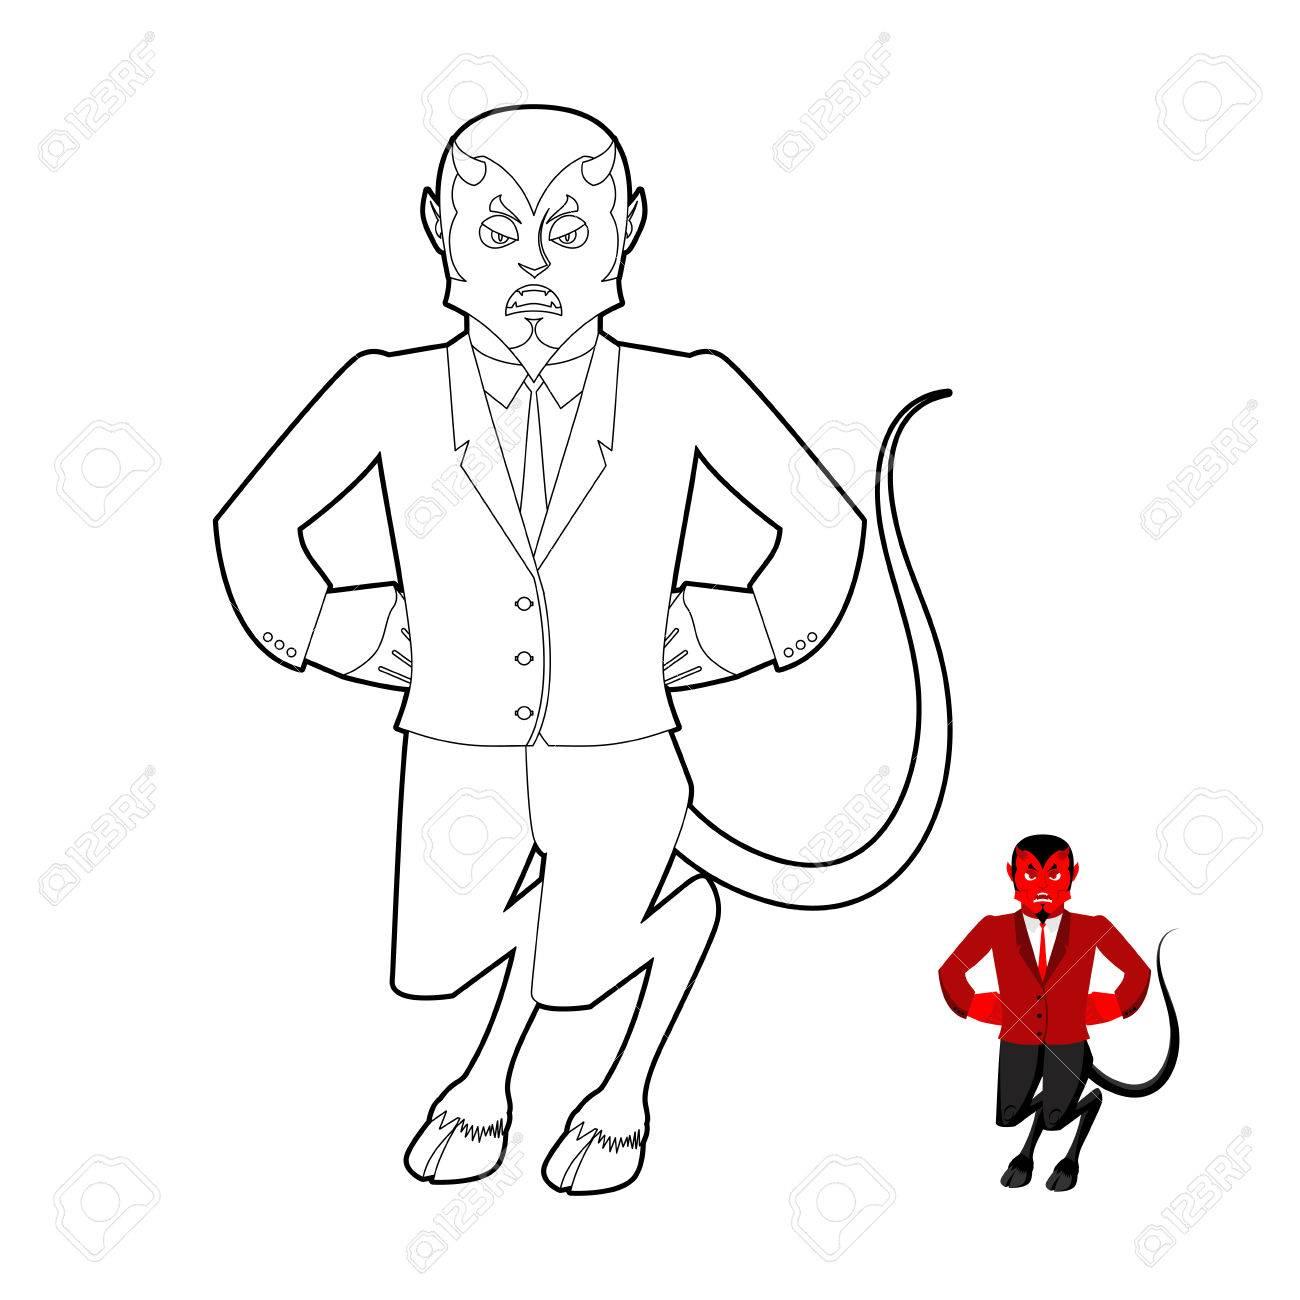 Libro Para Colorear Diablo. Demonio En El Estilo Lineal. Crafty ...